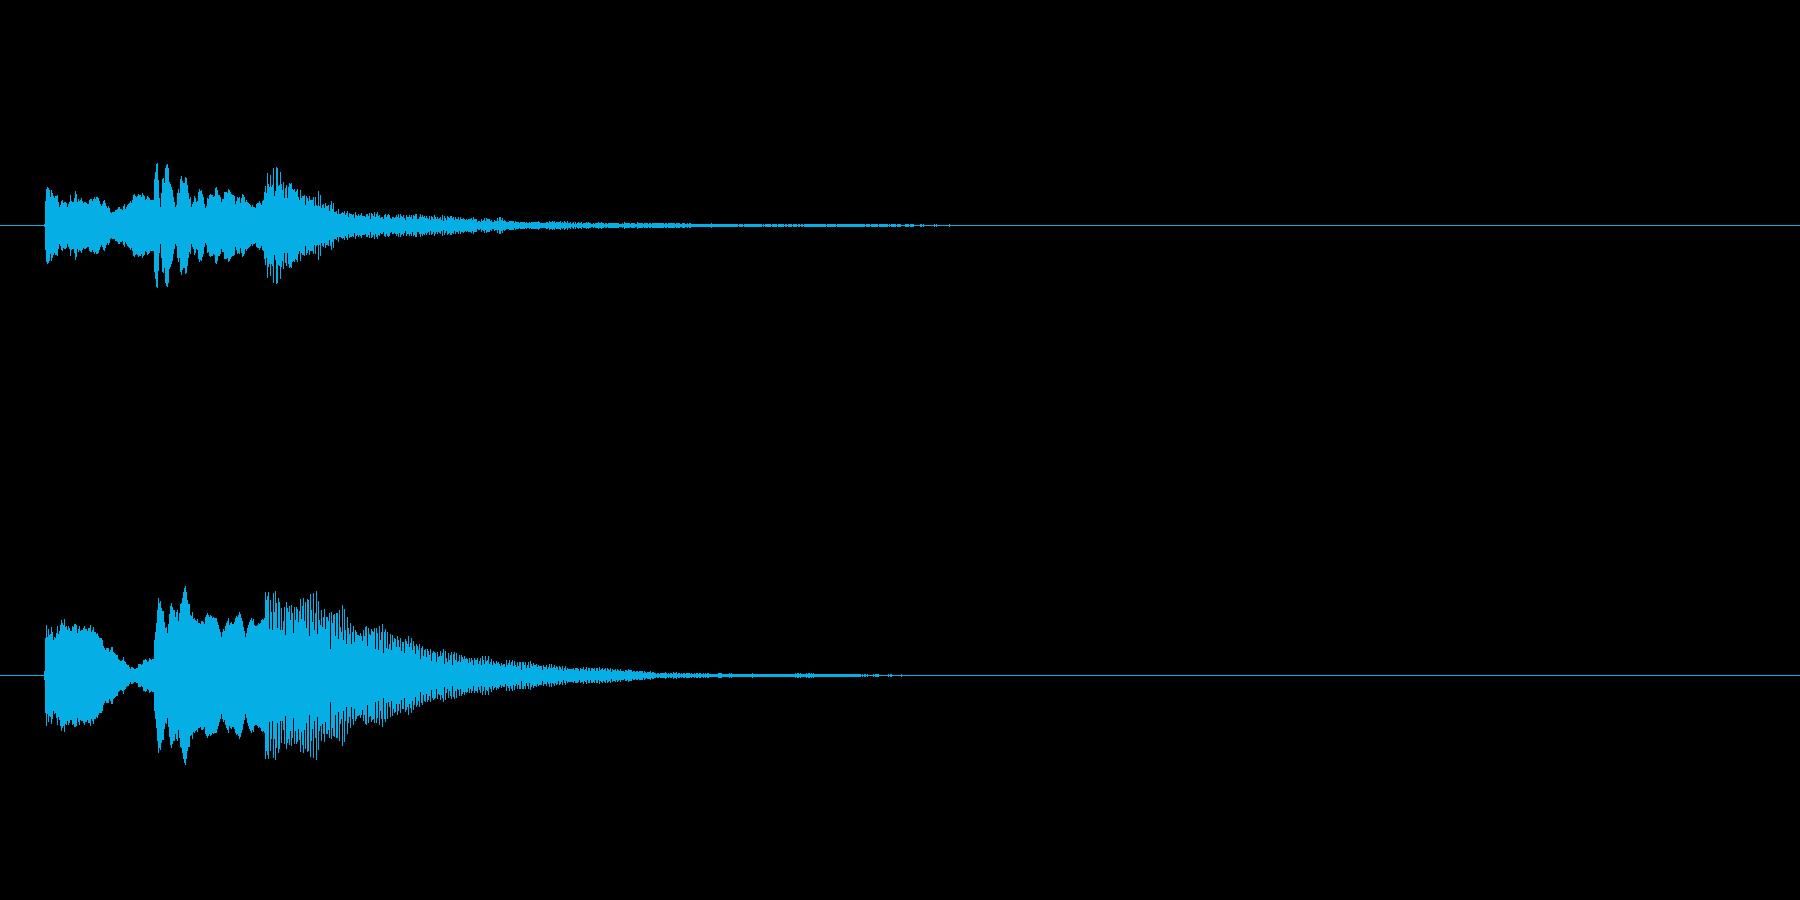 テレレン(キャンセル音)の再生済みの波形